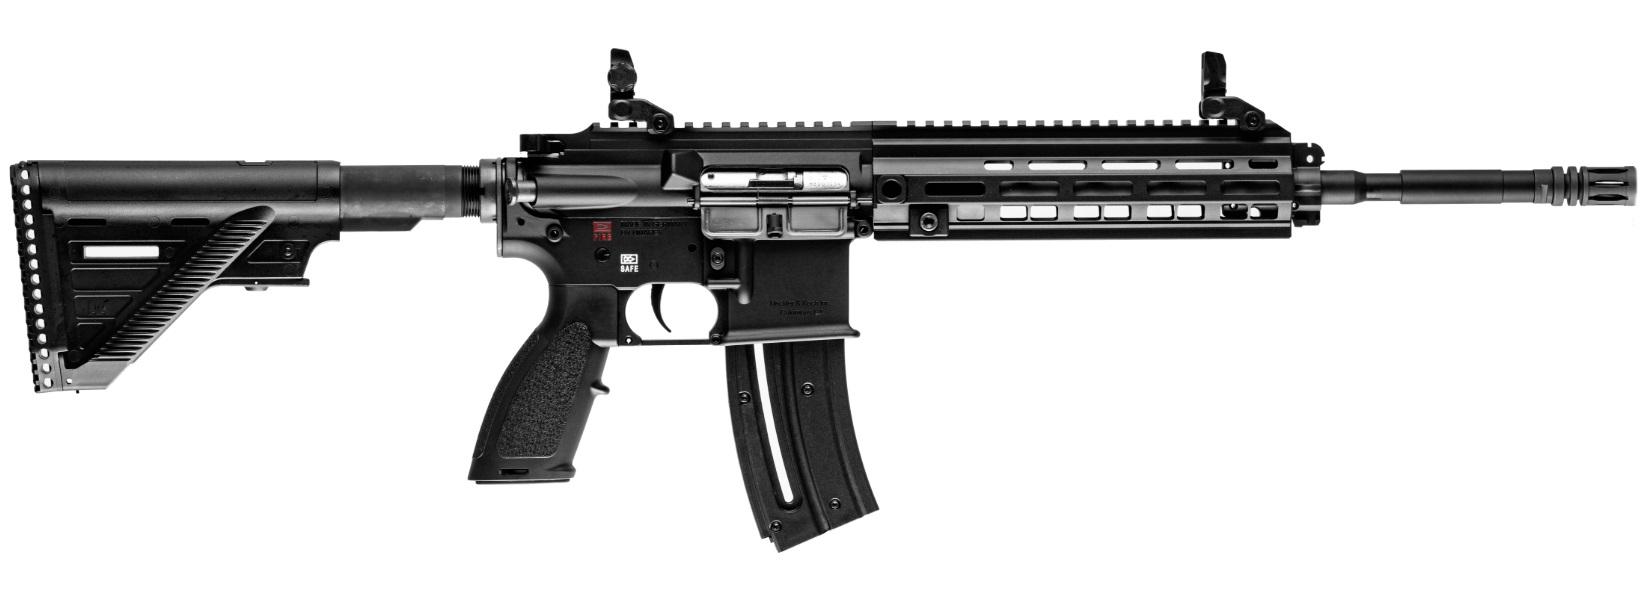 Heckler and Koch (HK USA) HK416 22 LR